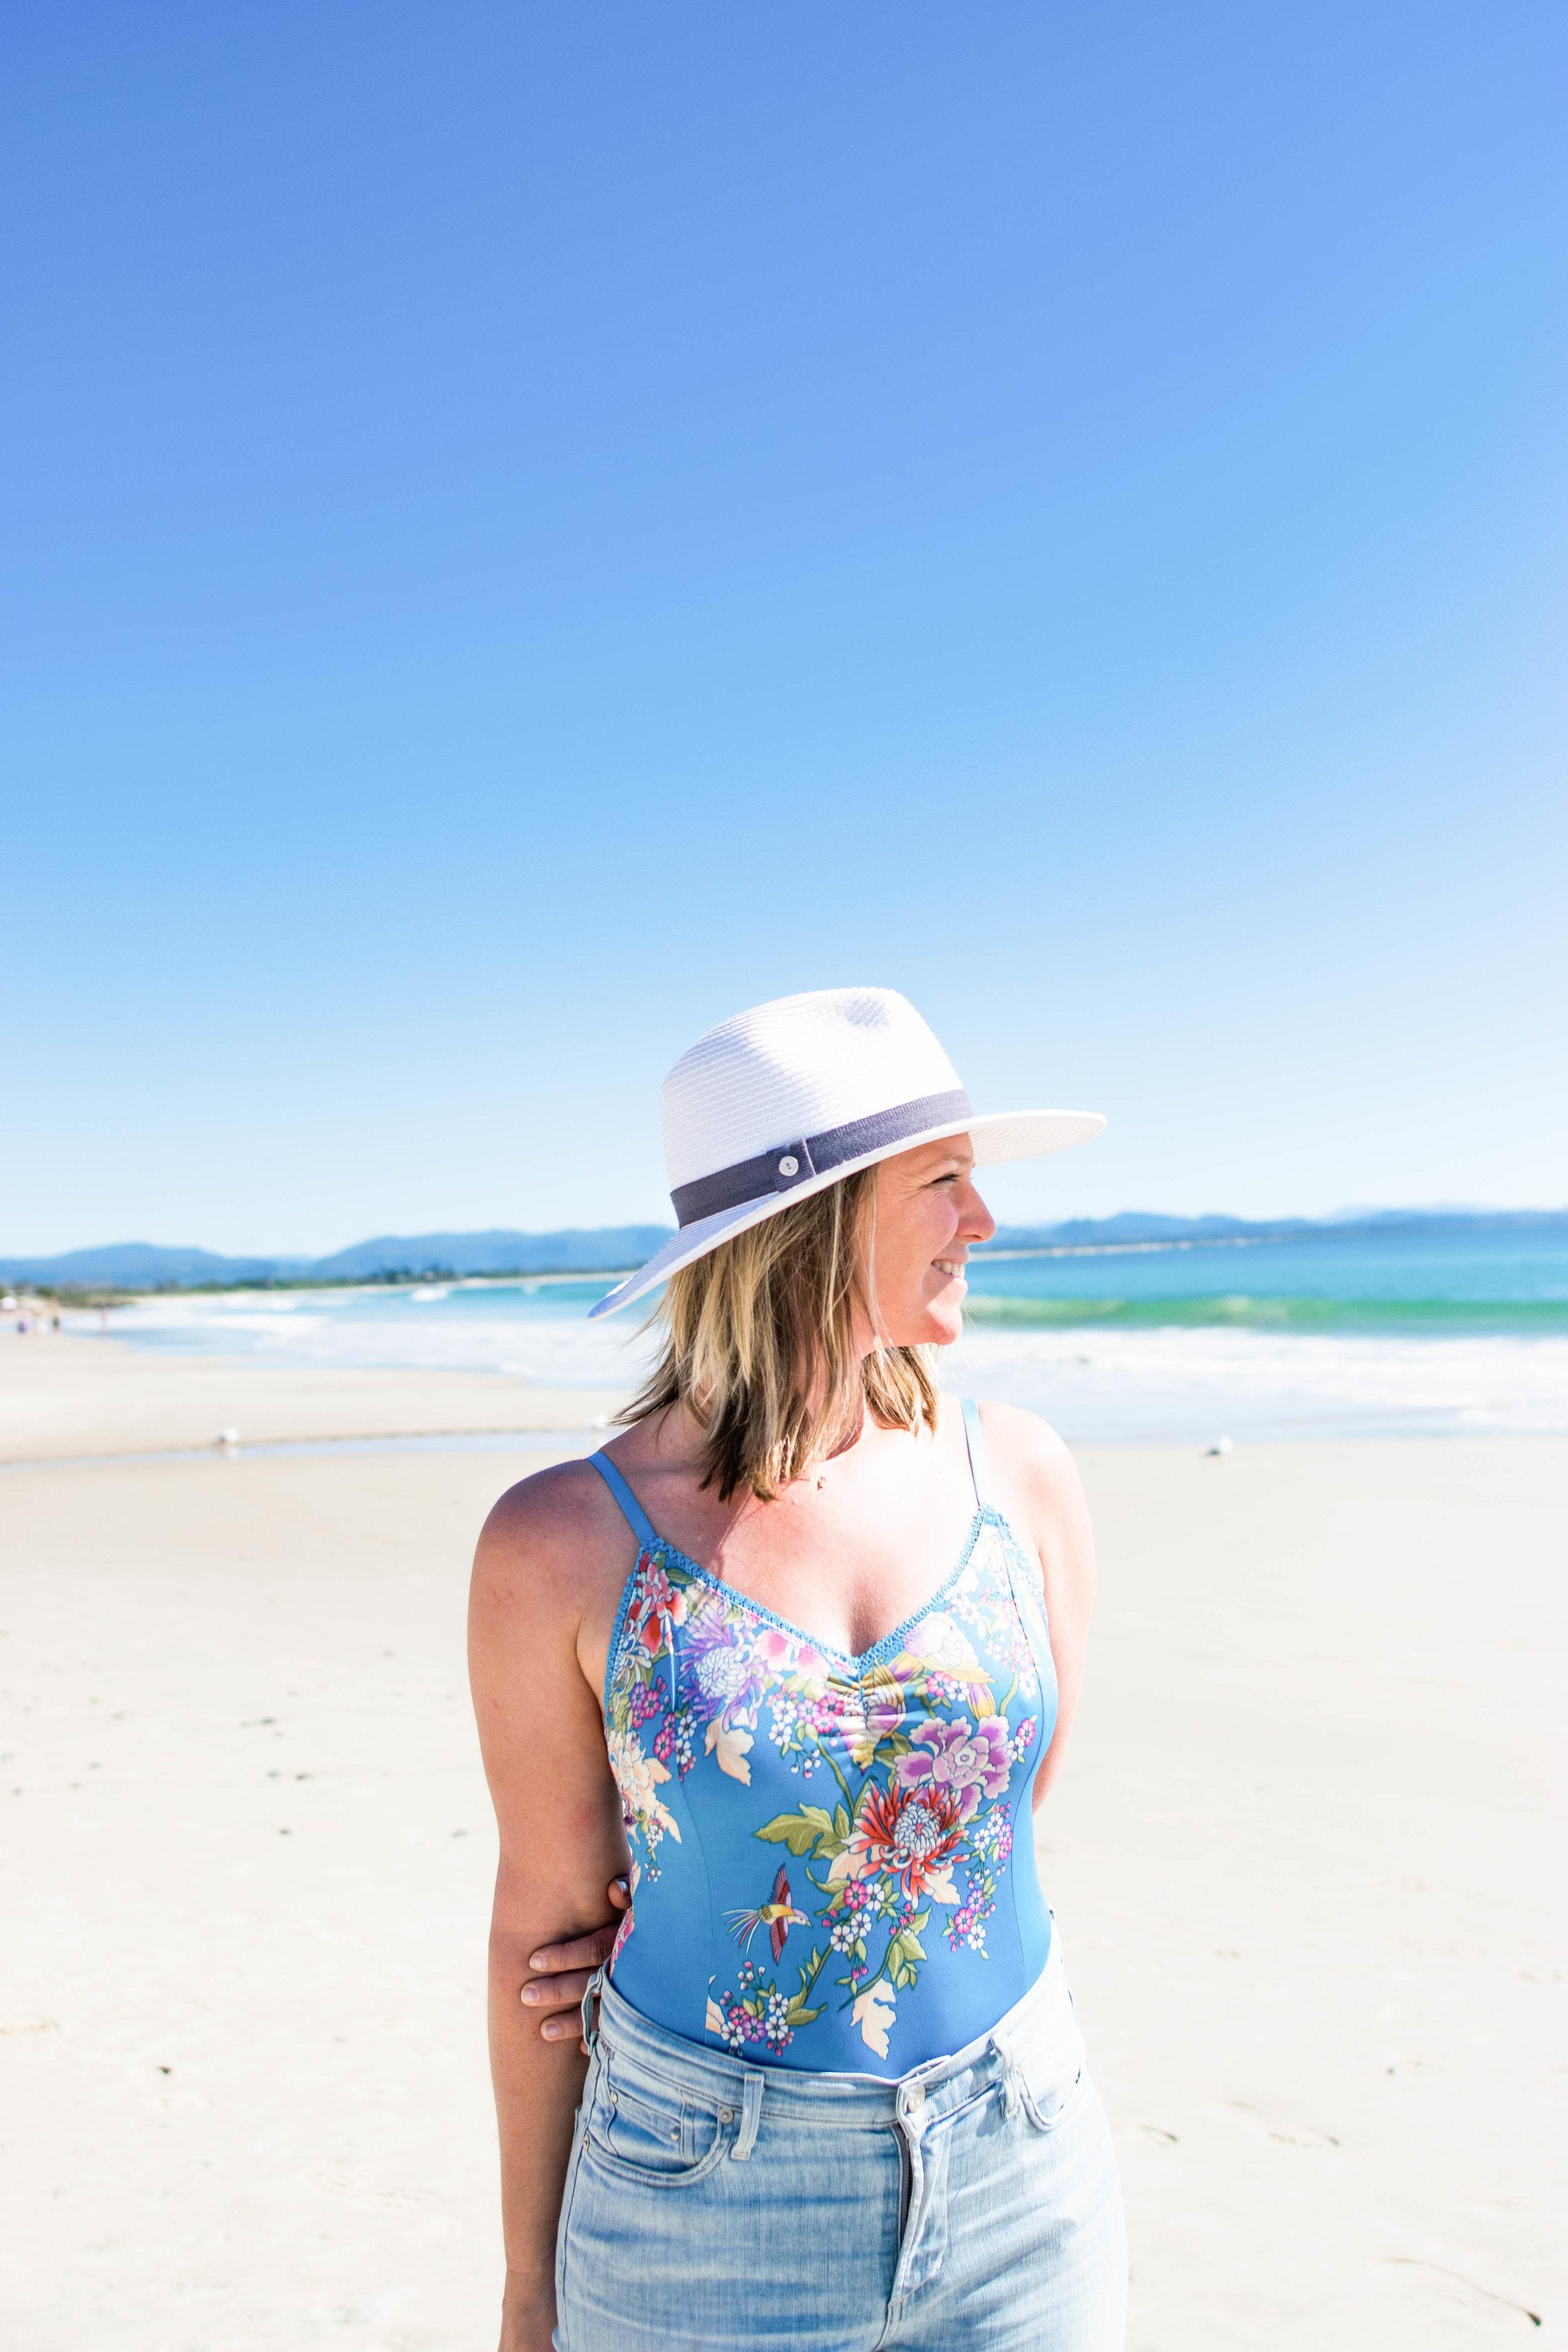 Jill in Byron Bay, Australia